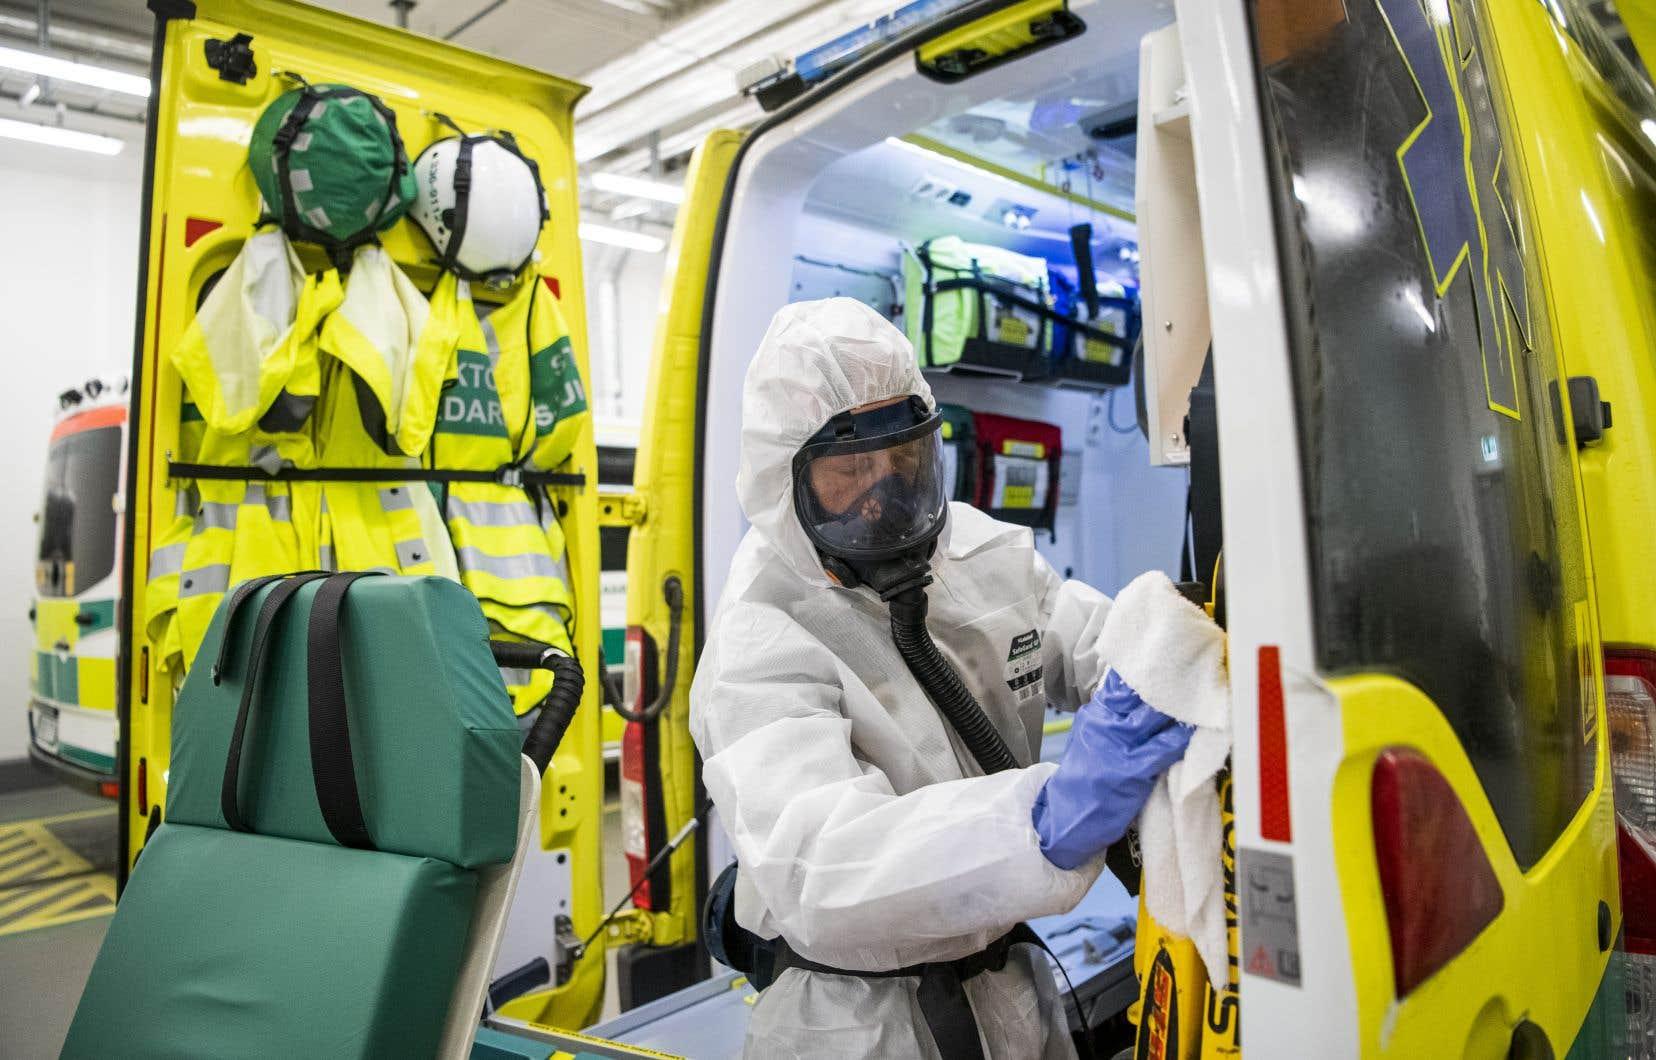 Le gouvernement suédois espère pouvoir tester jusqu'à 100000 personnes par semaine, un objectif encore difficile à atteindre aujourd'hui.